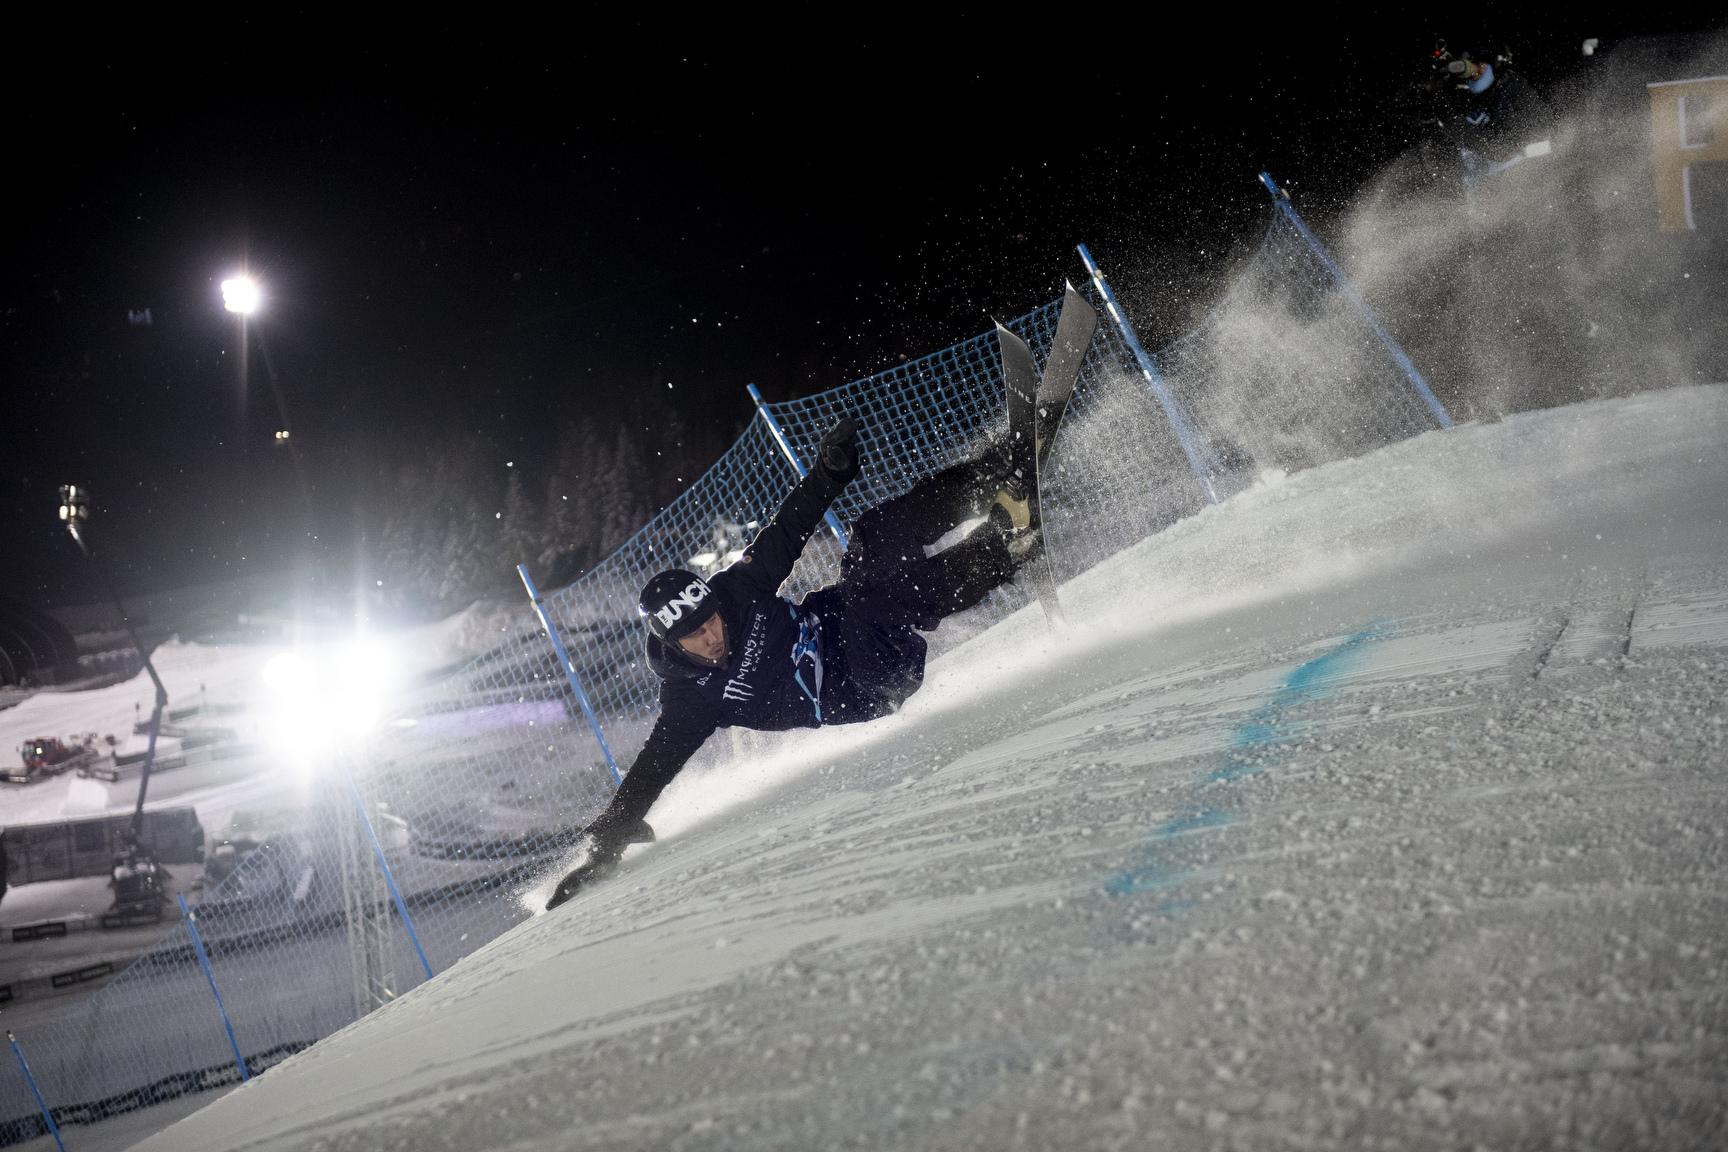 Pär Hägglund, Ski Knuckle Huck